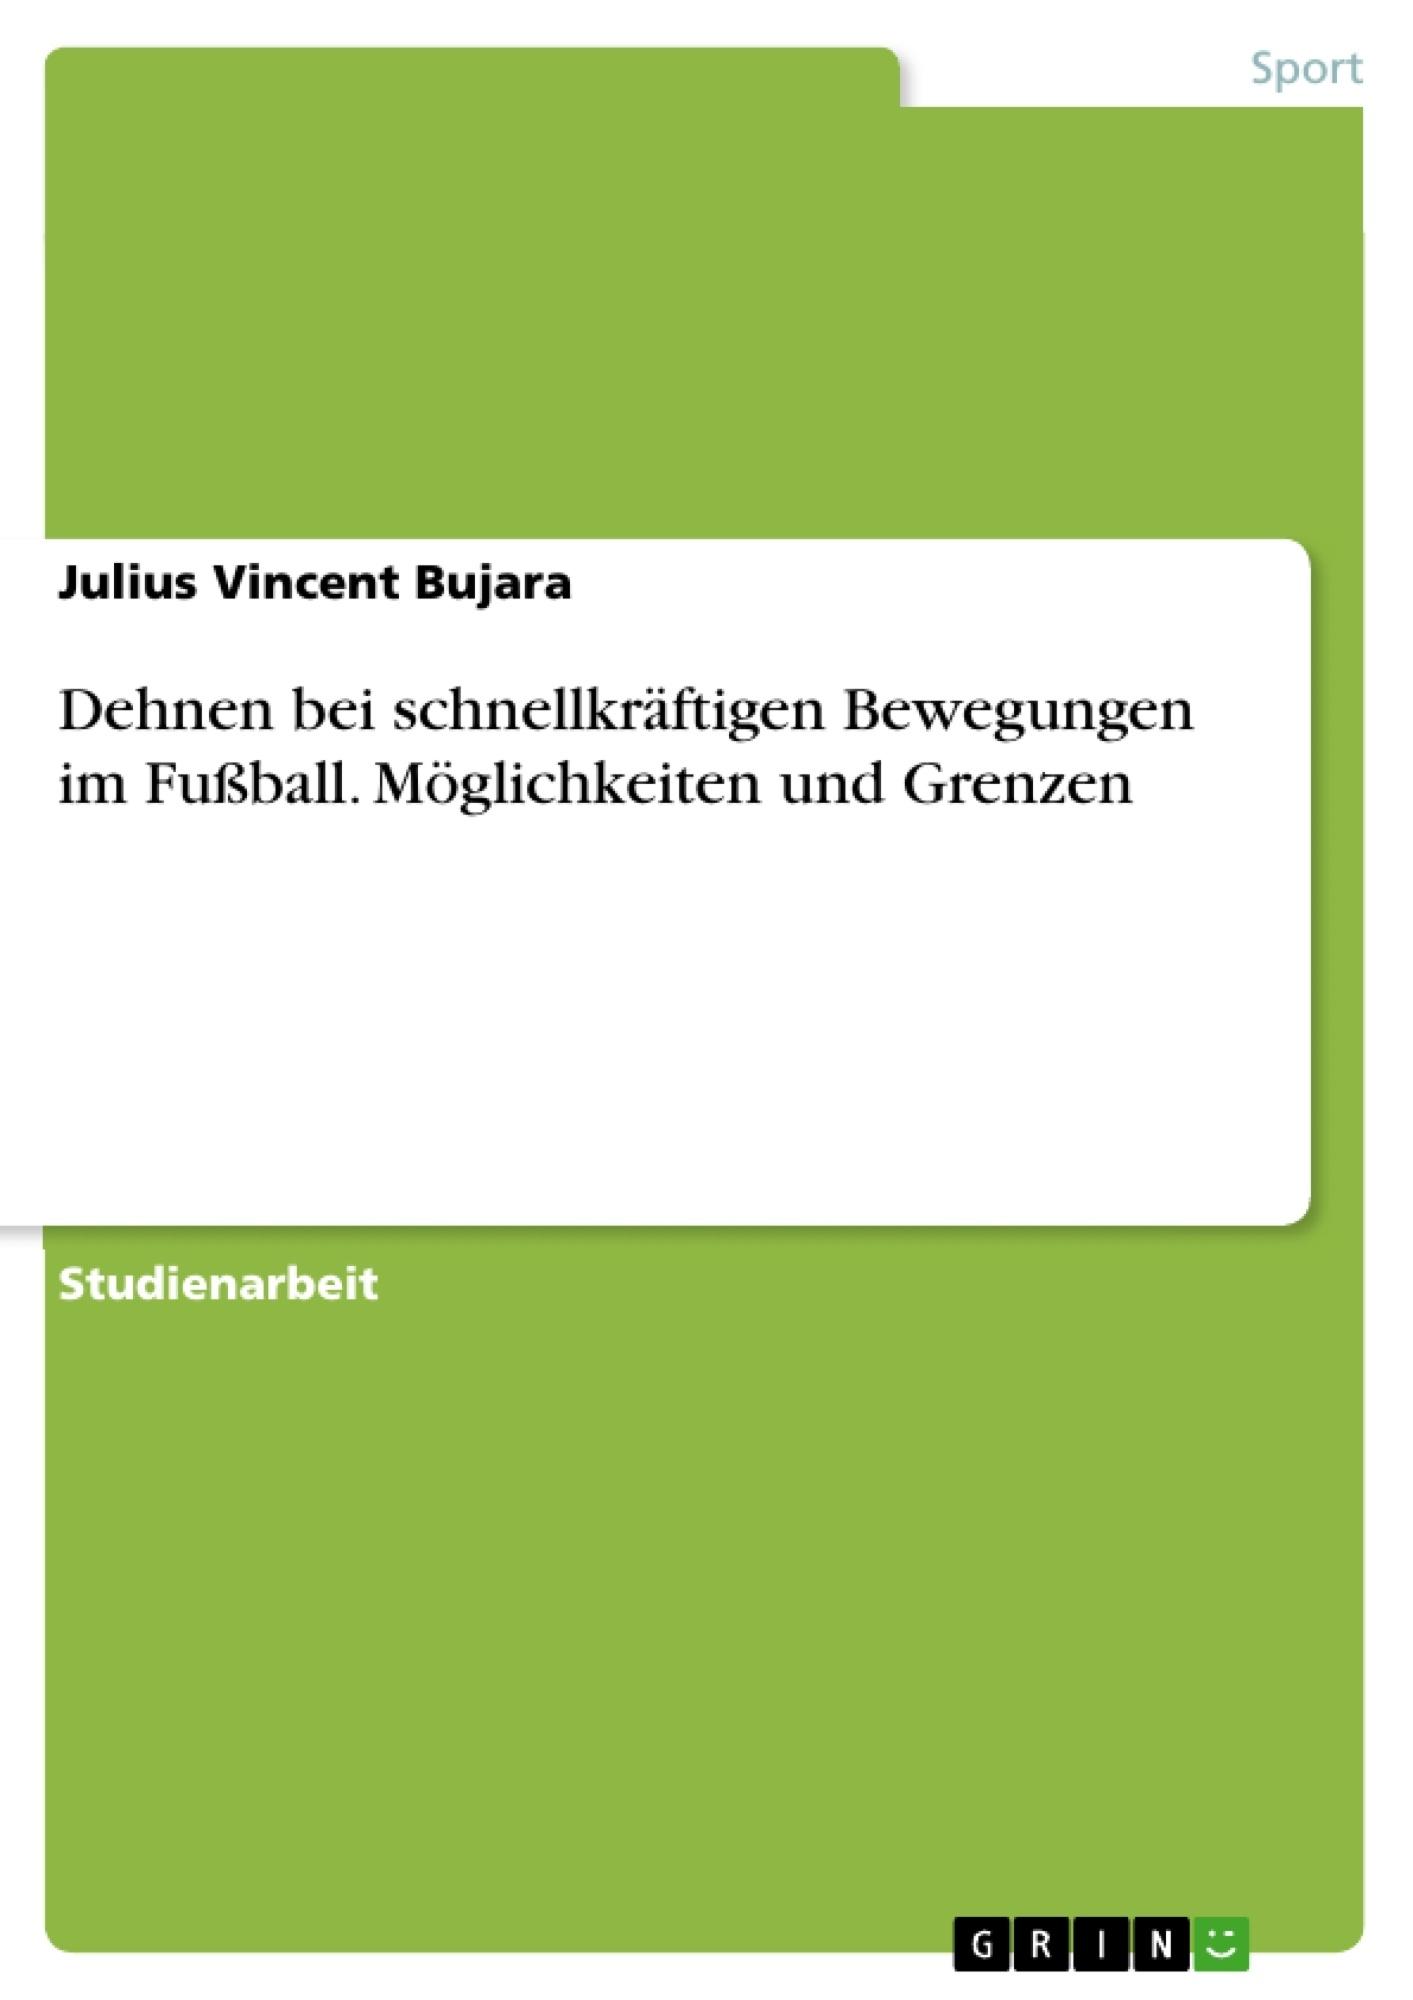 Titel: Dehnen bei schnellkräftigen Bewegungen im Fußball. Möglichkeiten und Grenzen